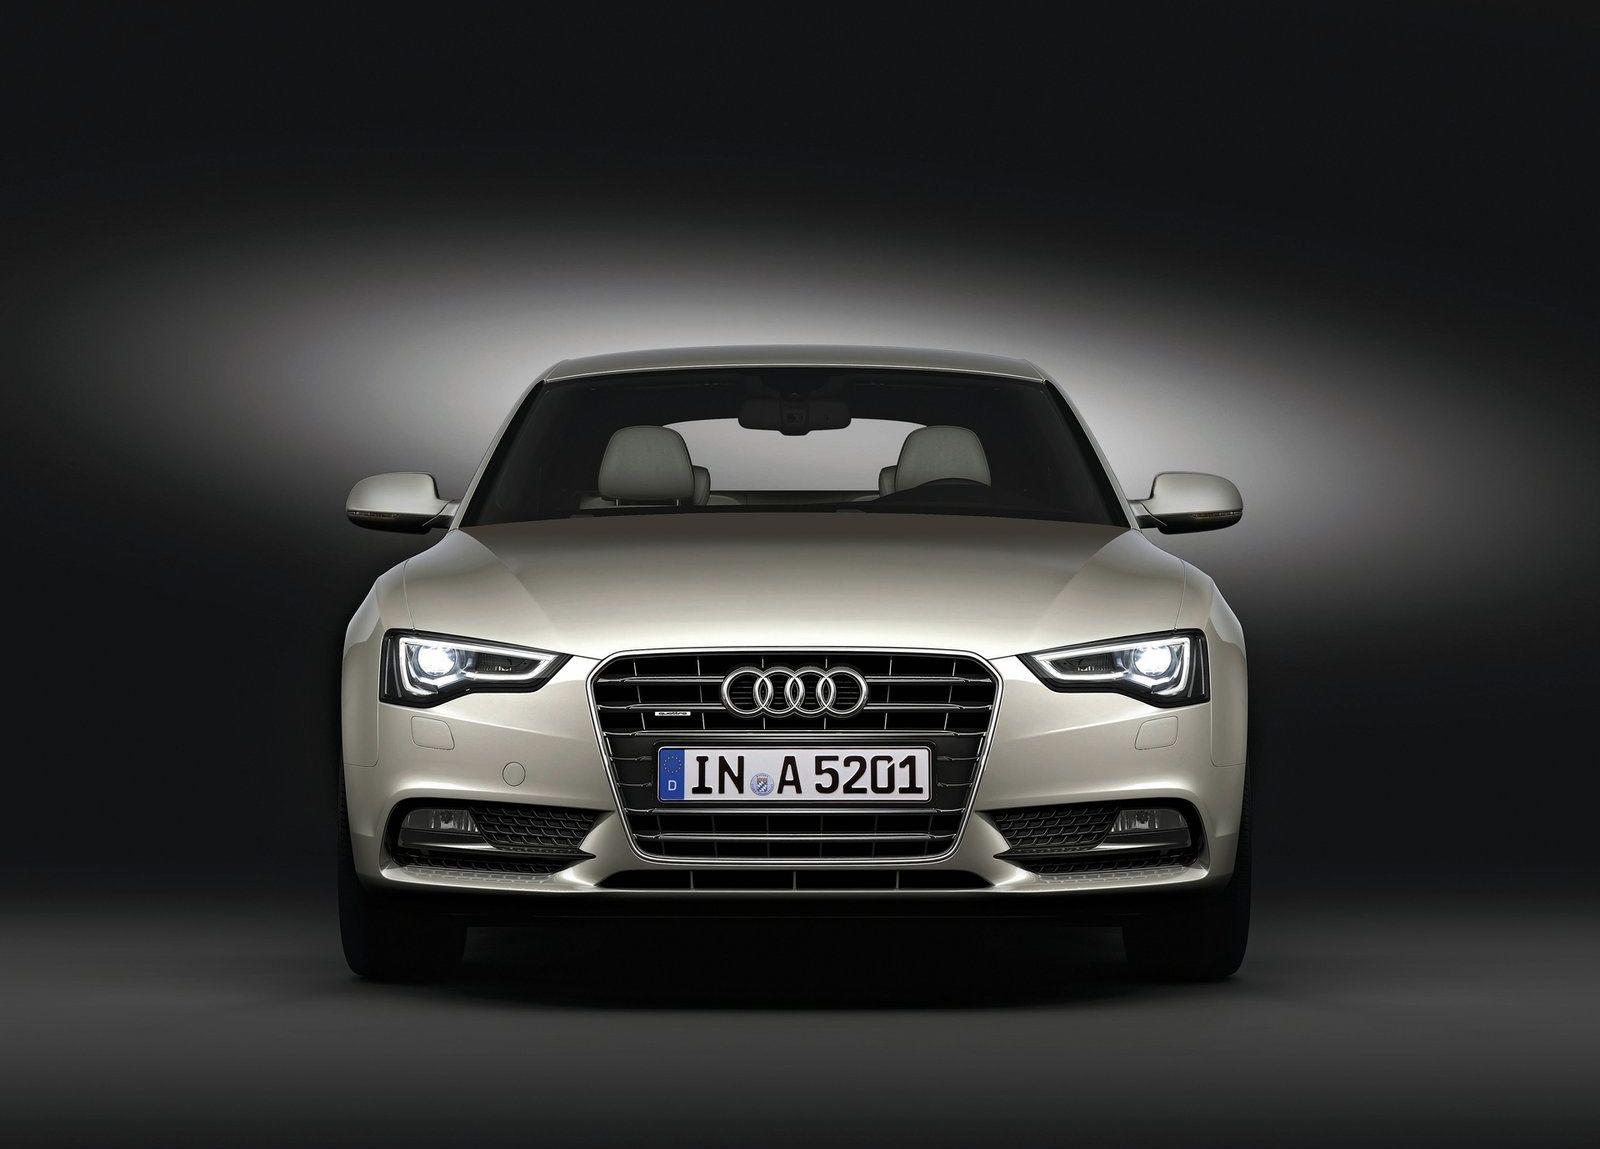 Kekurangan Audi A5 Sportback 2012 Harga